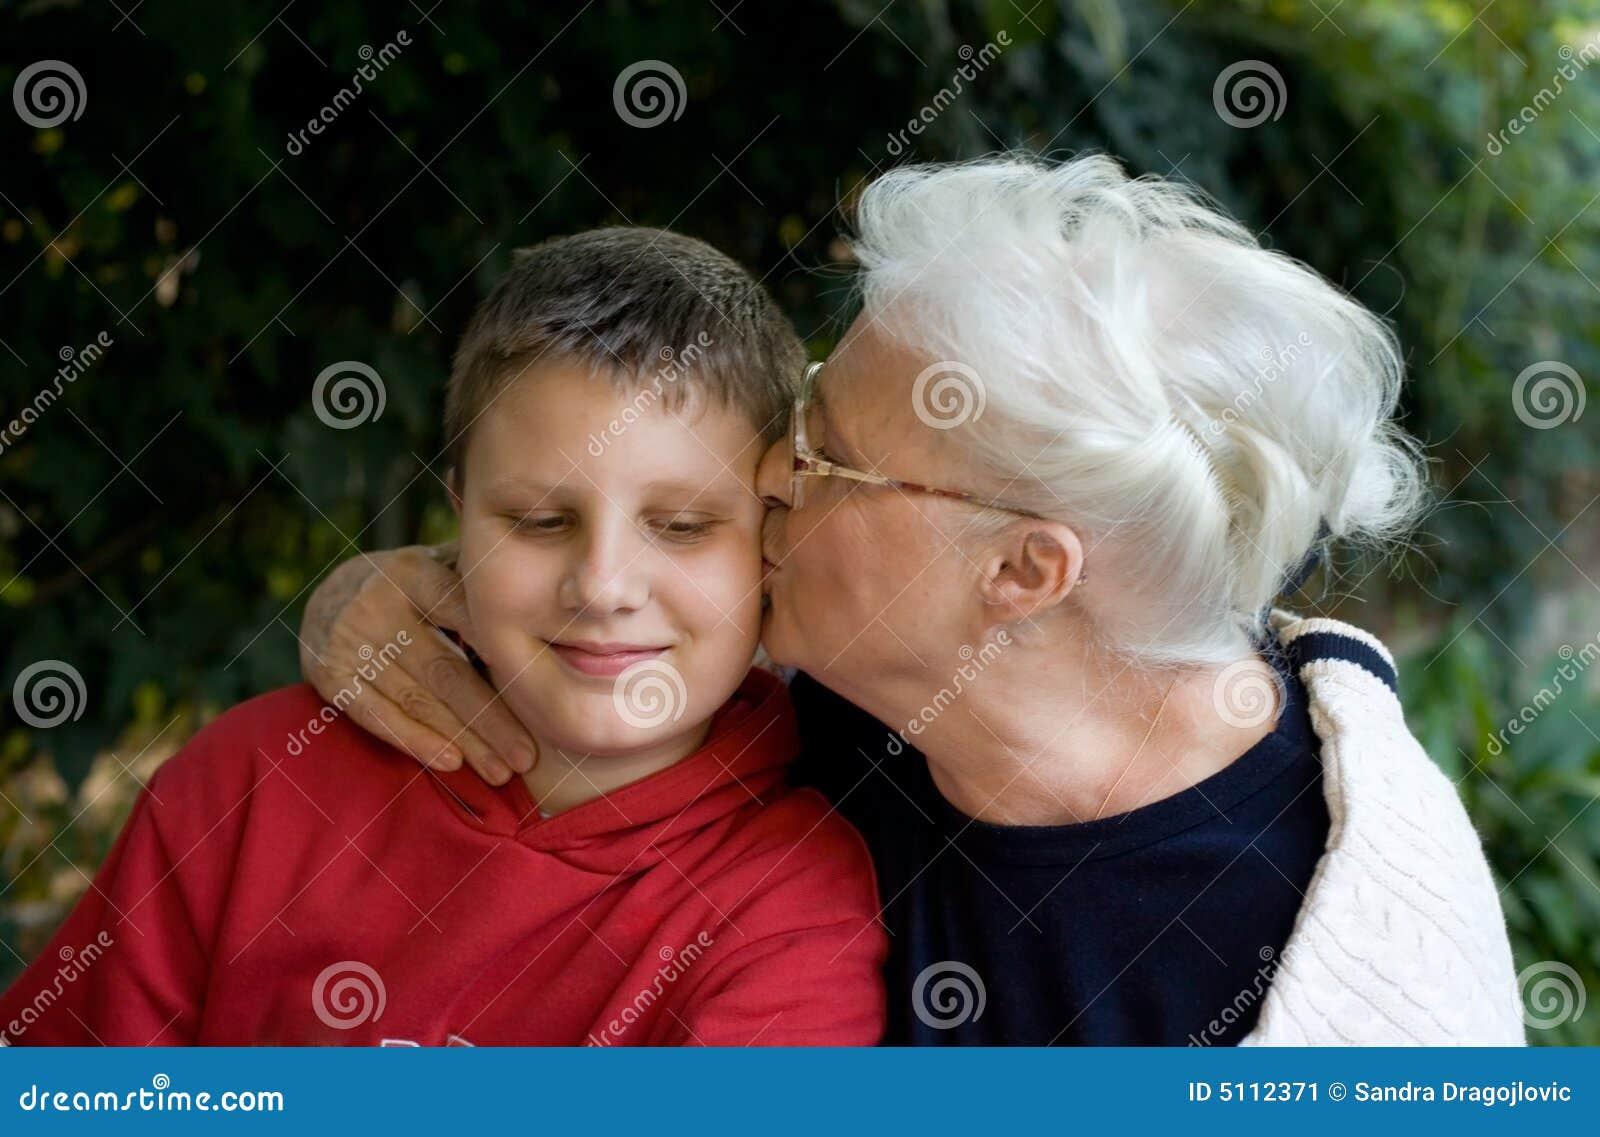 Besando a la abuela - 2 9